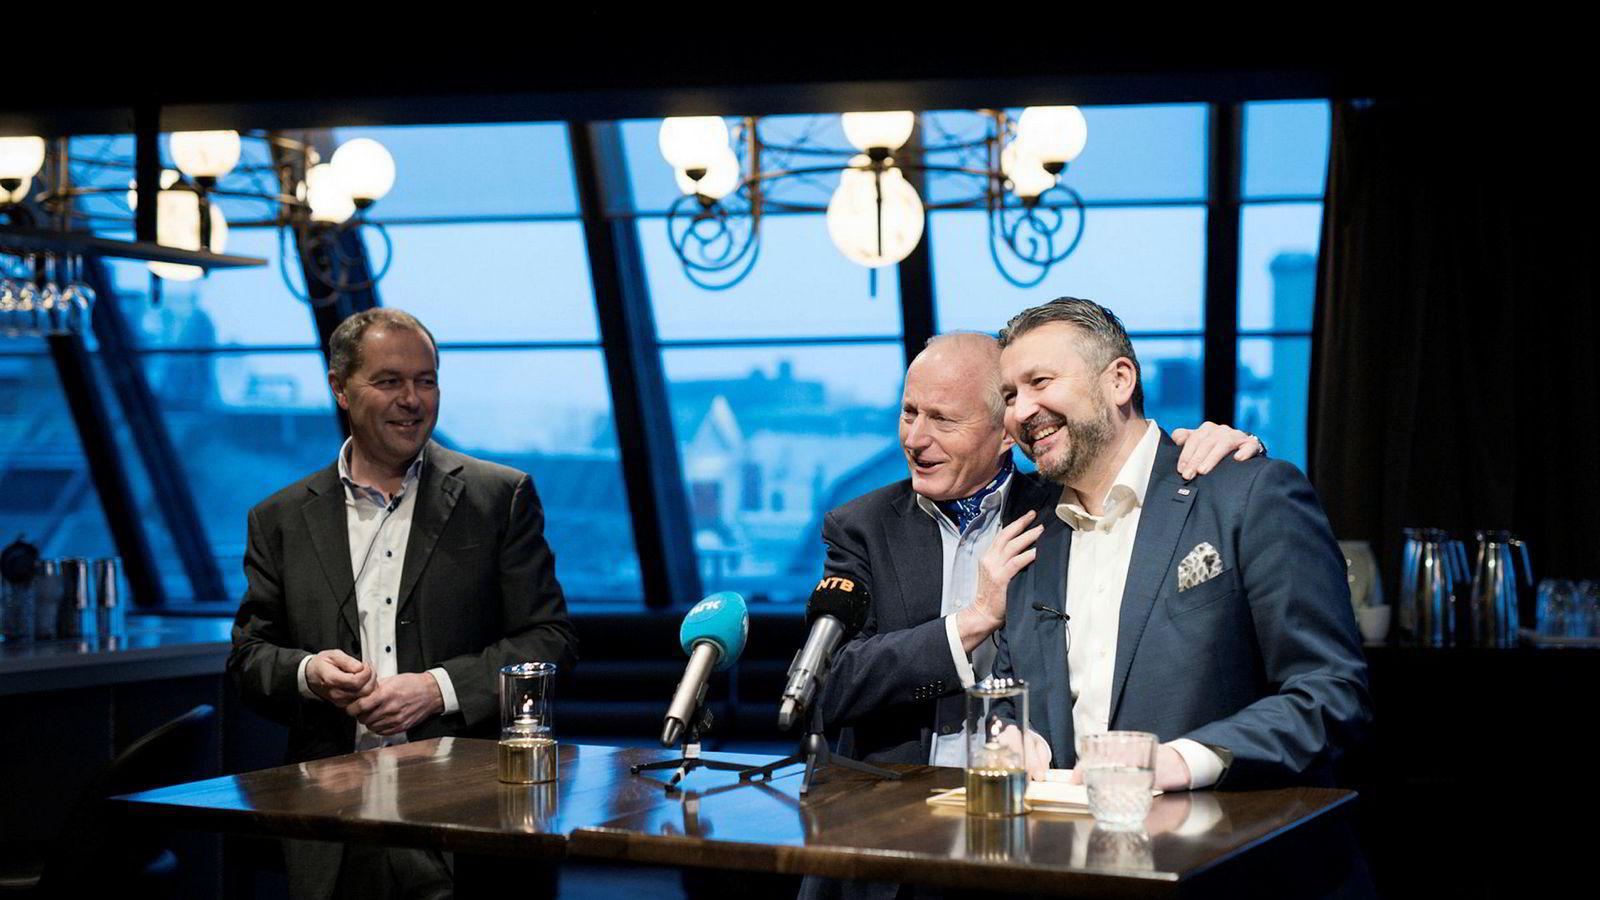 (Fra venstre) Helge Krogsbøl, Vice President Operations Scandinavia i Pandox, Christian Ringnes, styreleder i Pandox/administrerende direktør for Eiendomsspar og Svein Arild Steen-Mevold, administrerende direktør for Scandic Norge på pressekonferansen på Grand Hotel onsdag.